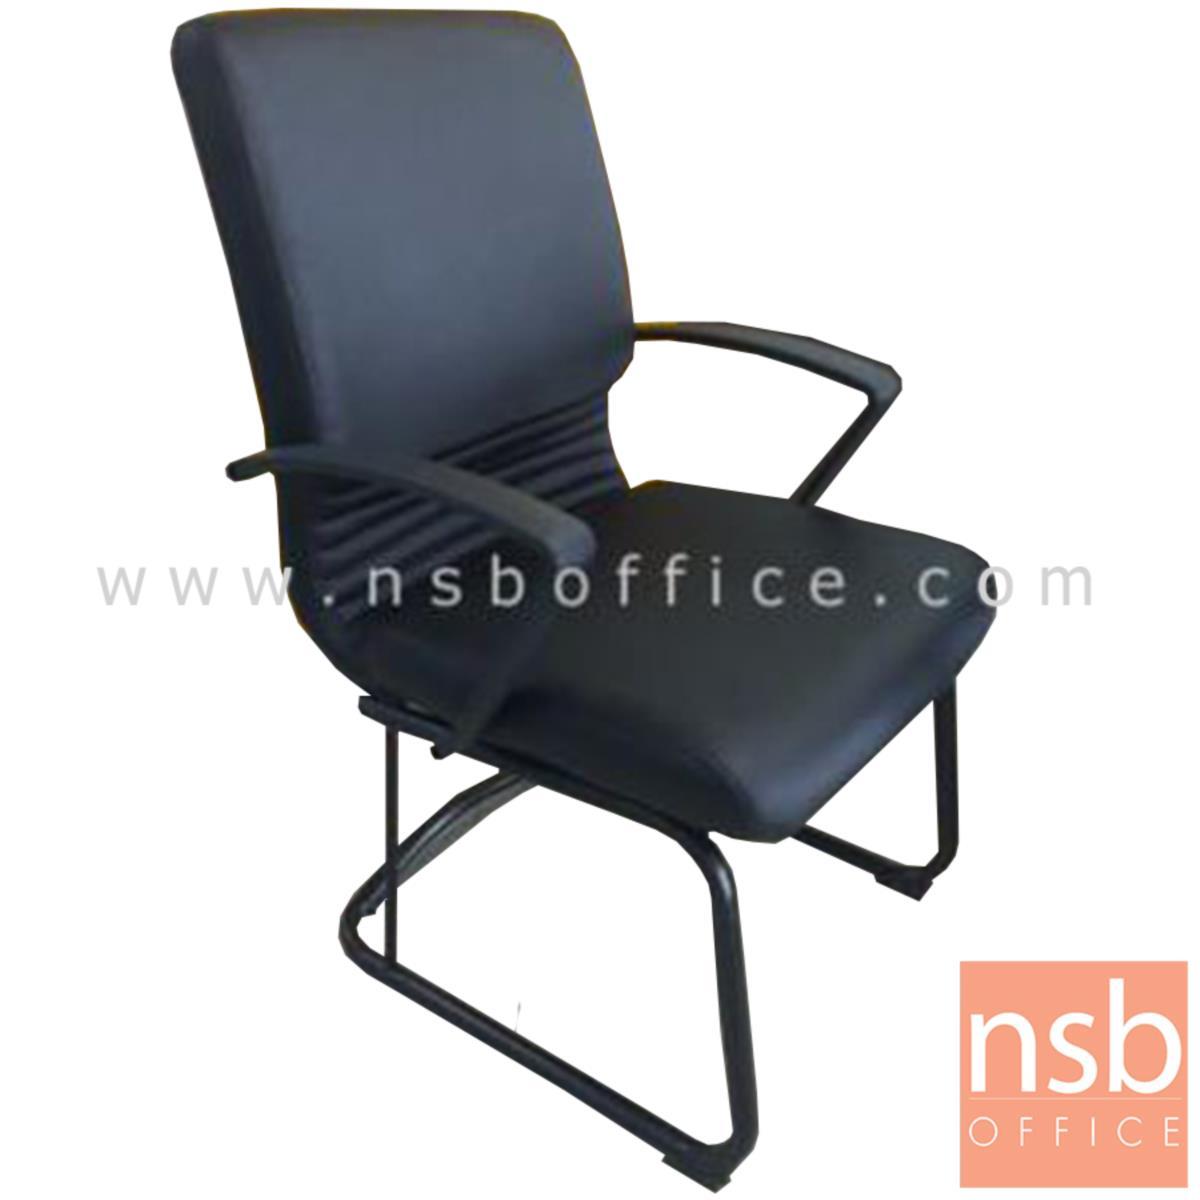 B04A154:เก้าอี้รับแขกขาตัวซี รุ่น Parrish (พาร์ริช)  ขาเหล็กพ่นดำ